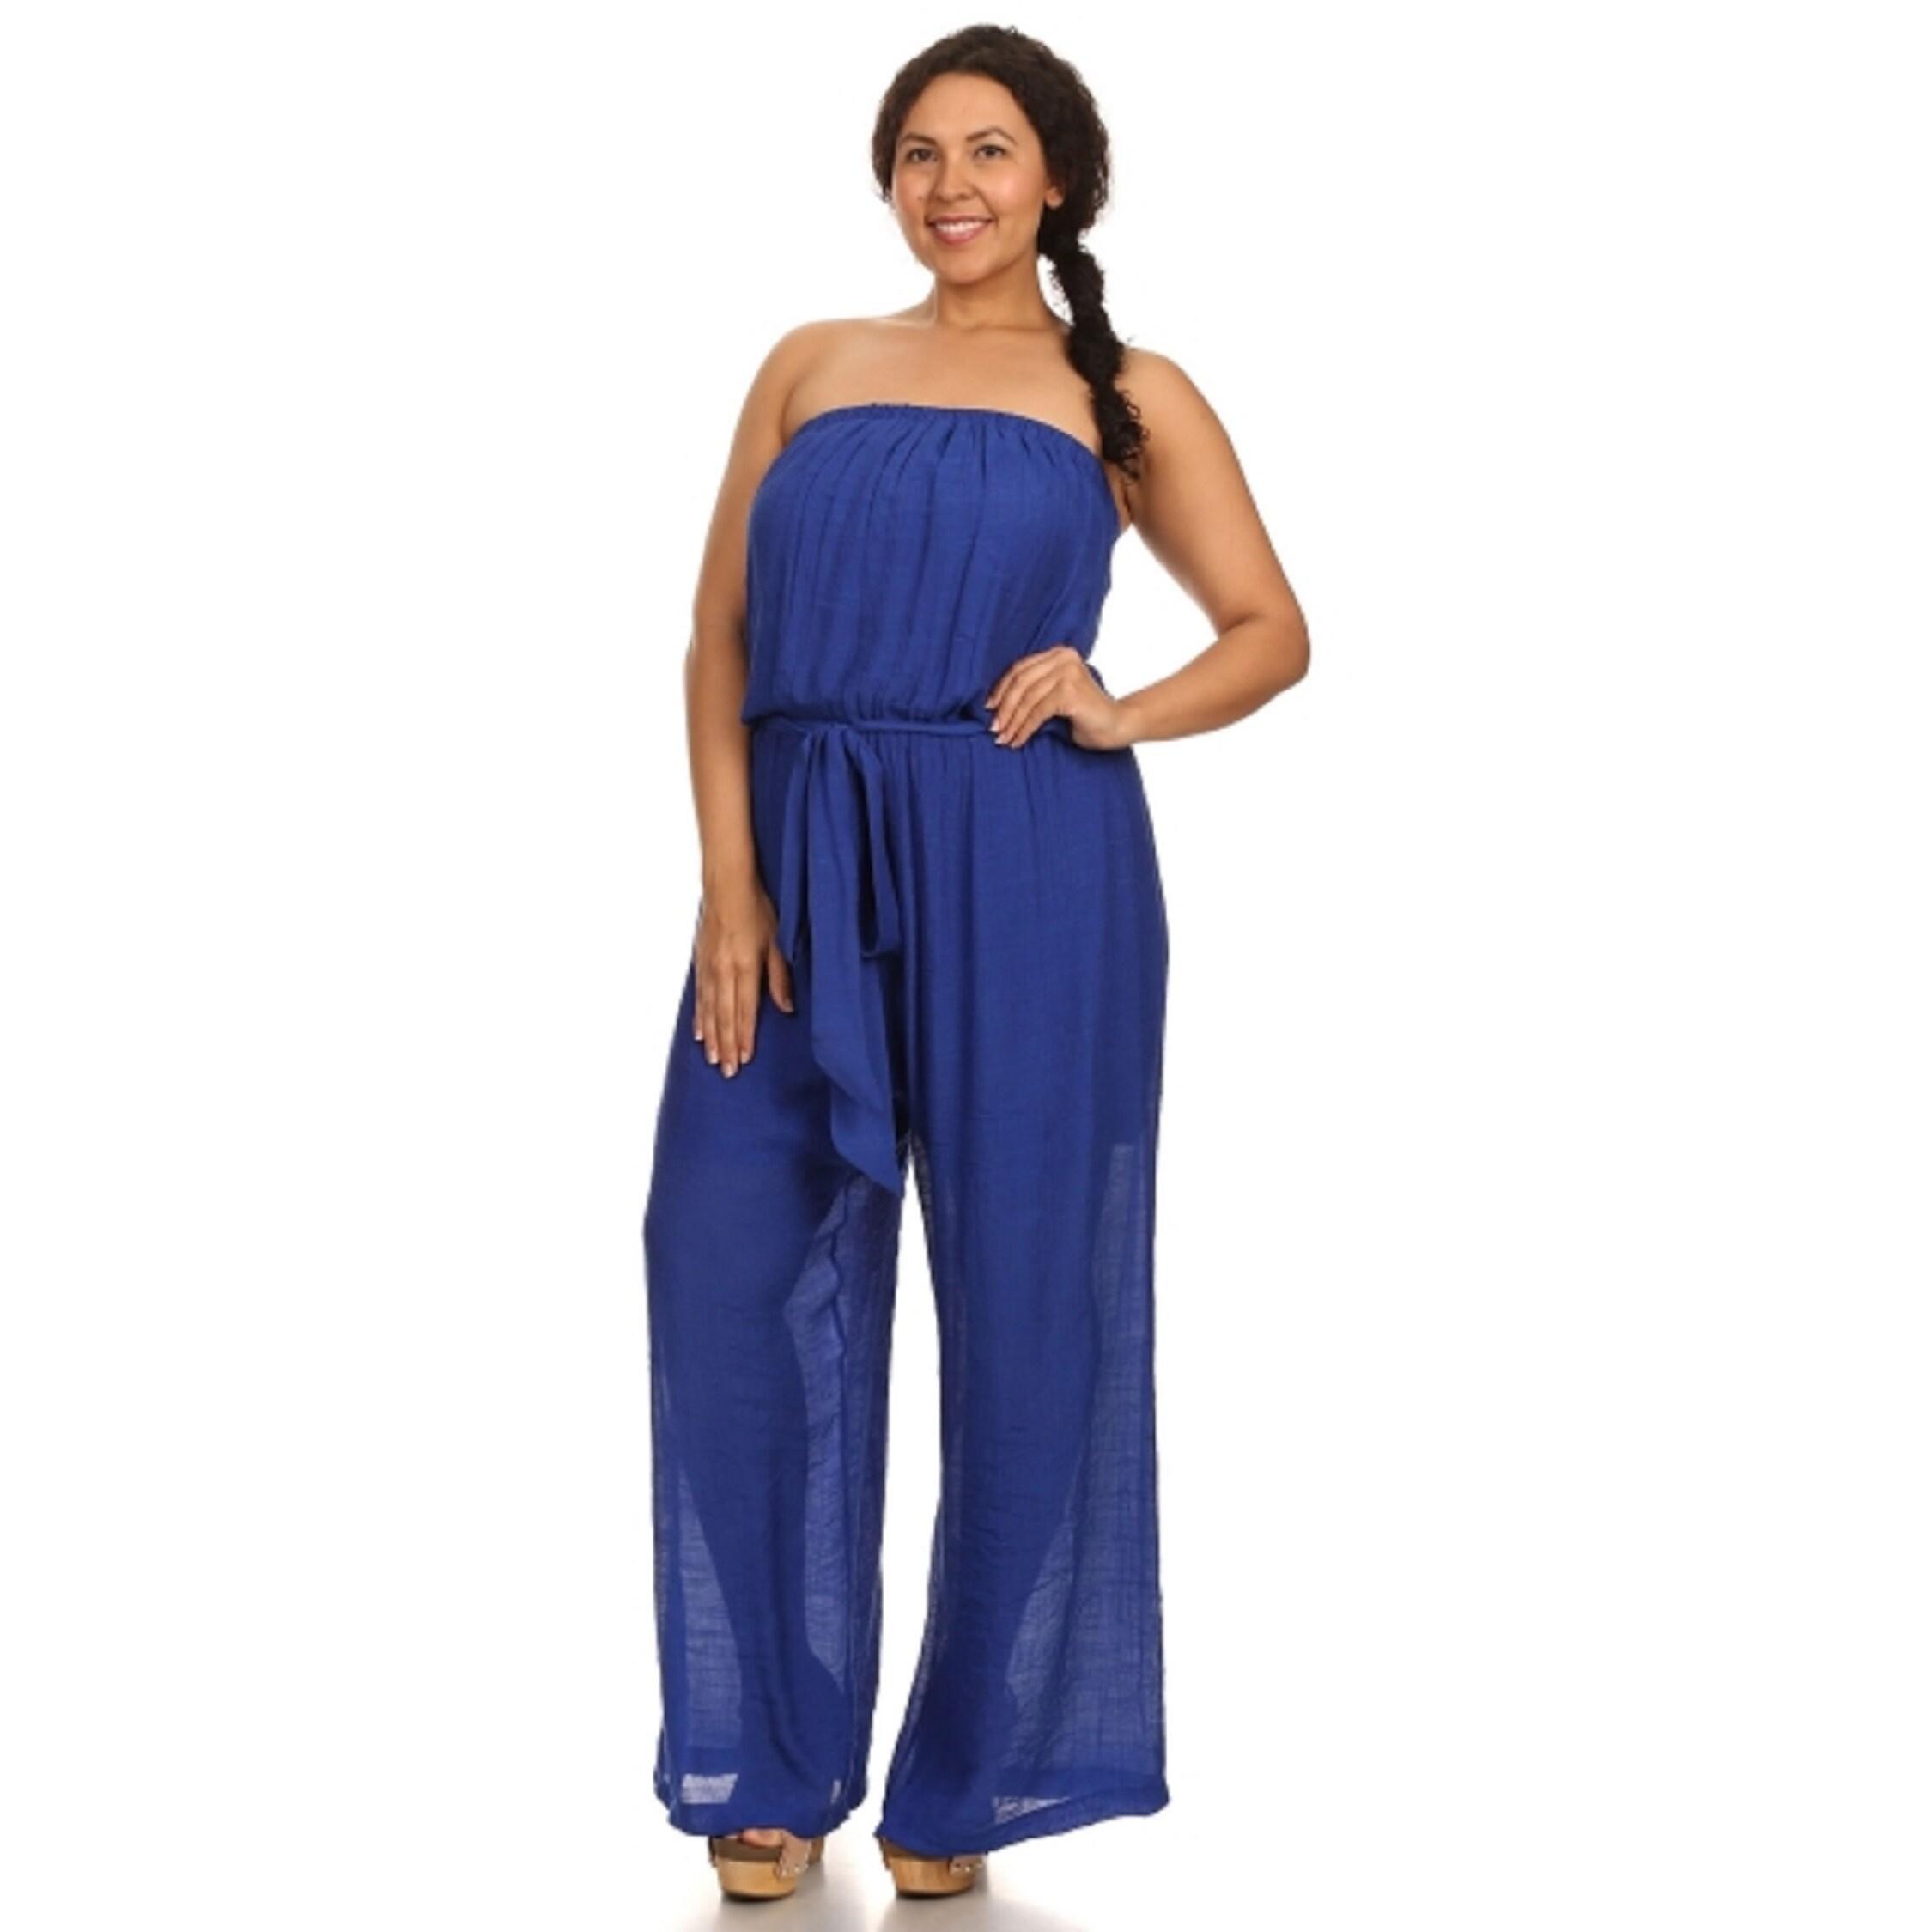 81cc746536c Jumpsuit Dress Plus Size - Data Dynamic AG